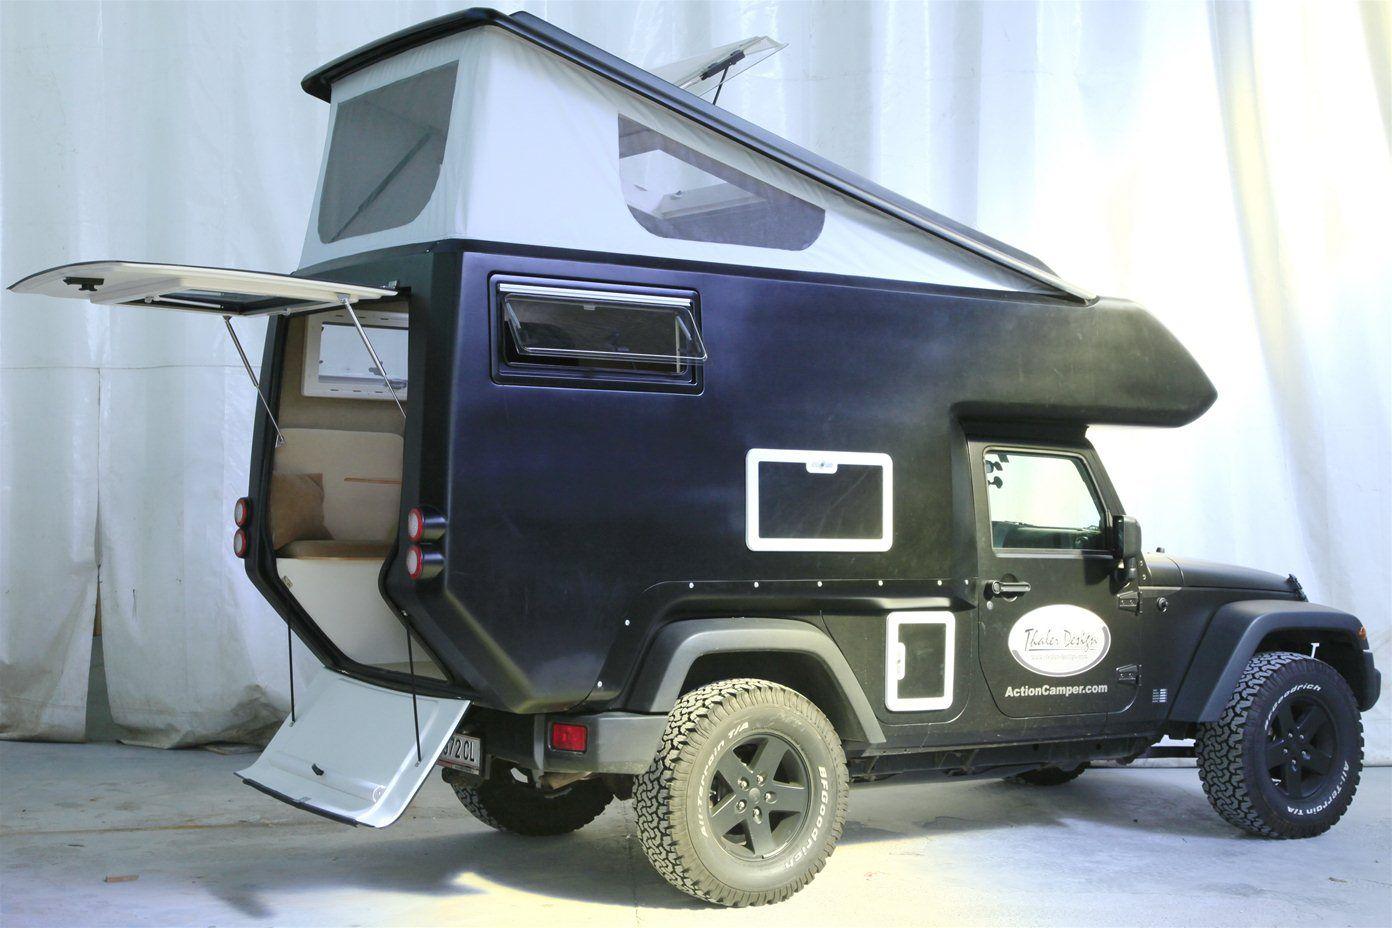 manufacturer 39 s page for jeep actioncamper expedition. Black Bedroom Furniture Sets. Home Design Ideas